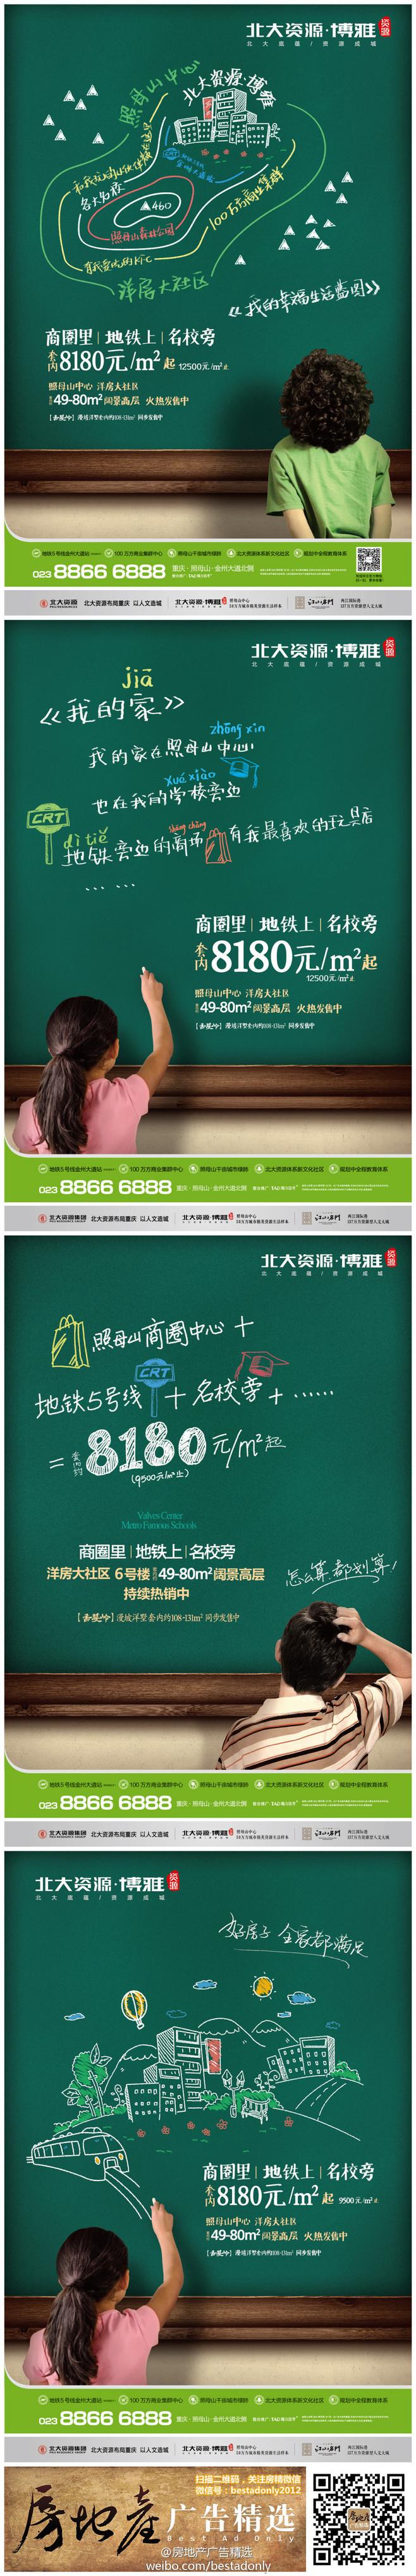 房地产广告精选的微博_微博